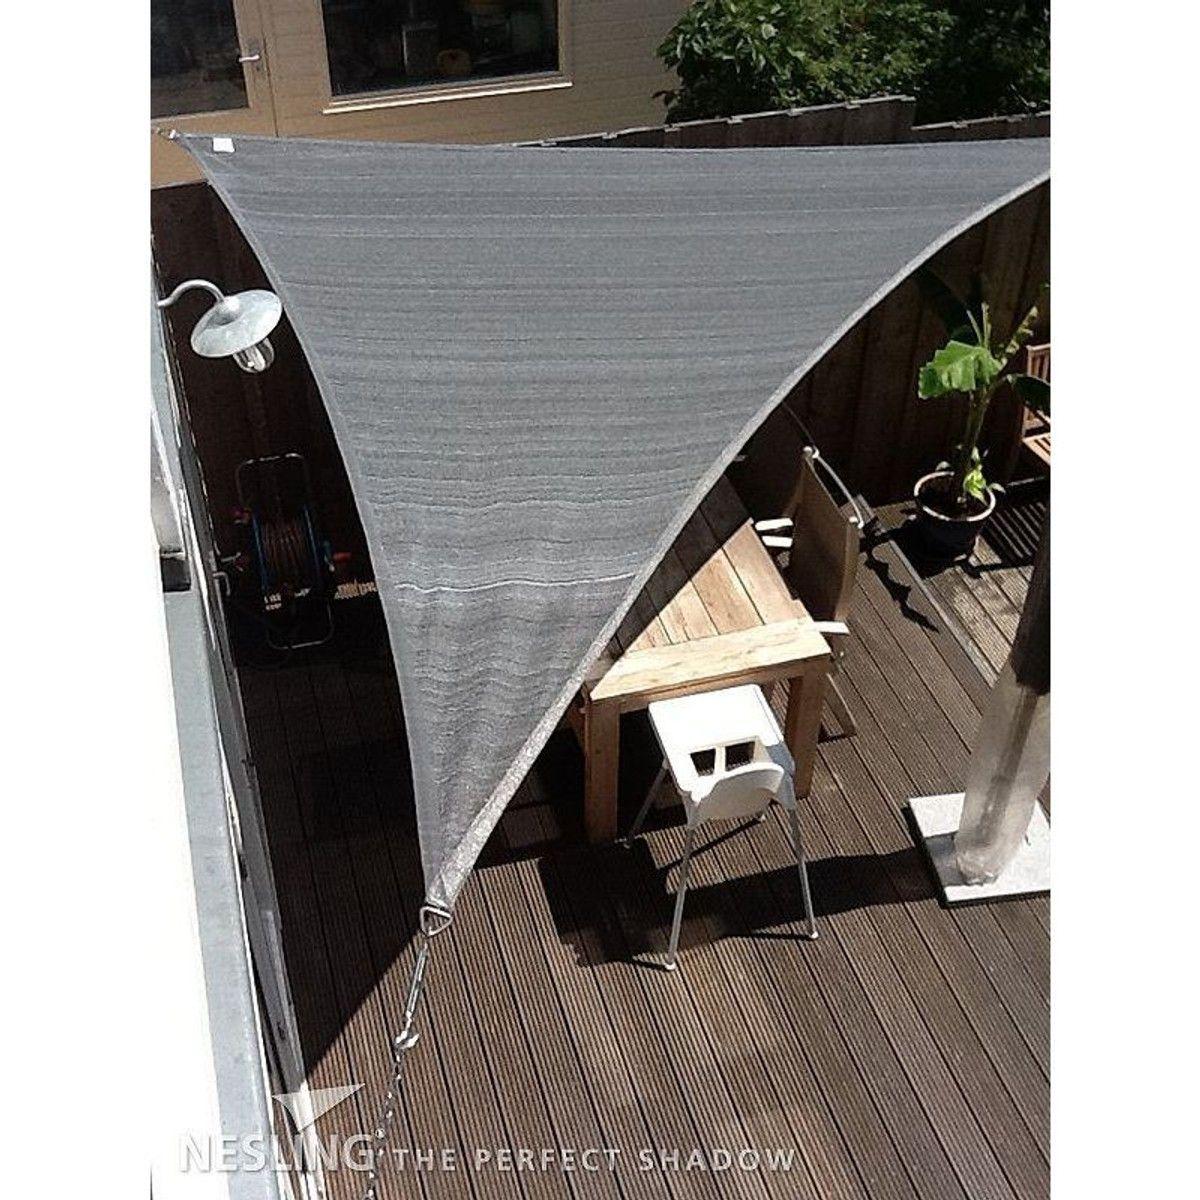 Voile D Ombrage 6 X 4 voile d'ombrage imperméable triangulaire dreamsail gris 5 x